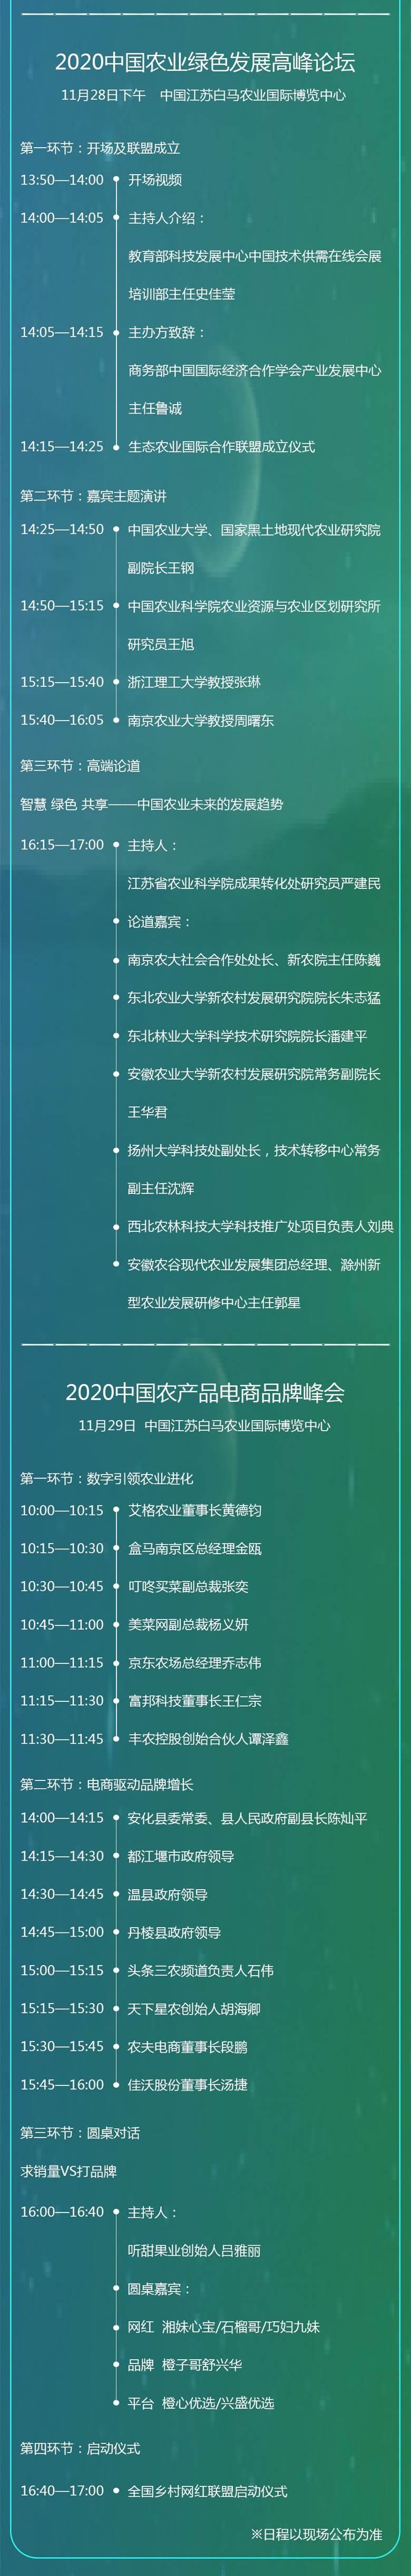 2020中国农村电商供应链博览会4.jpg